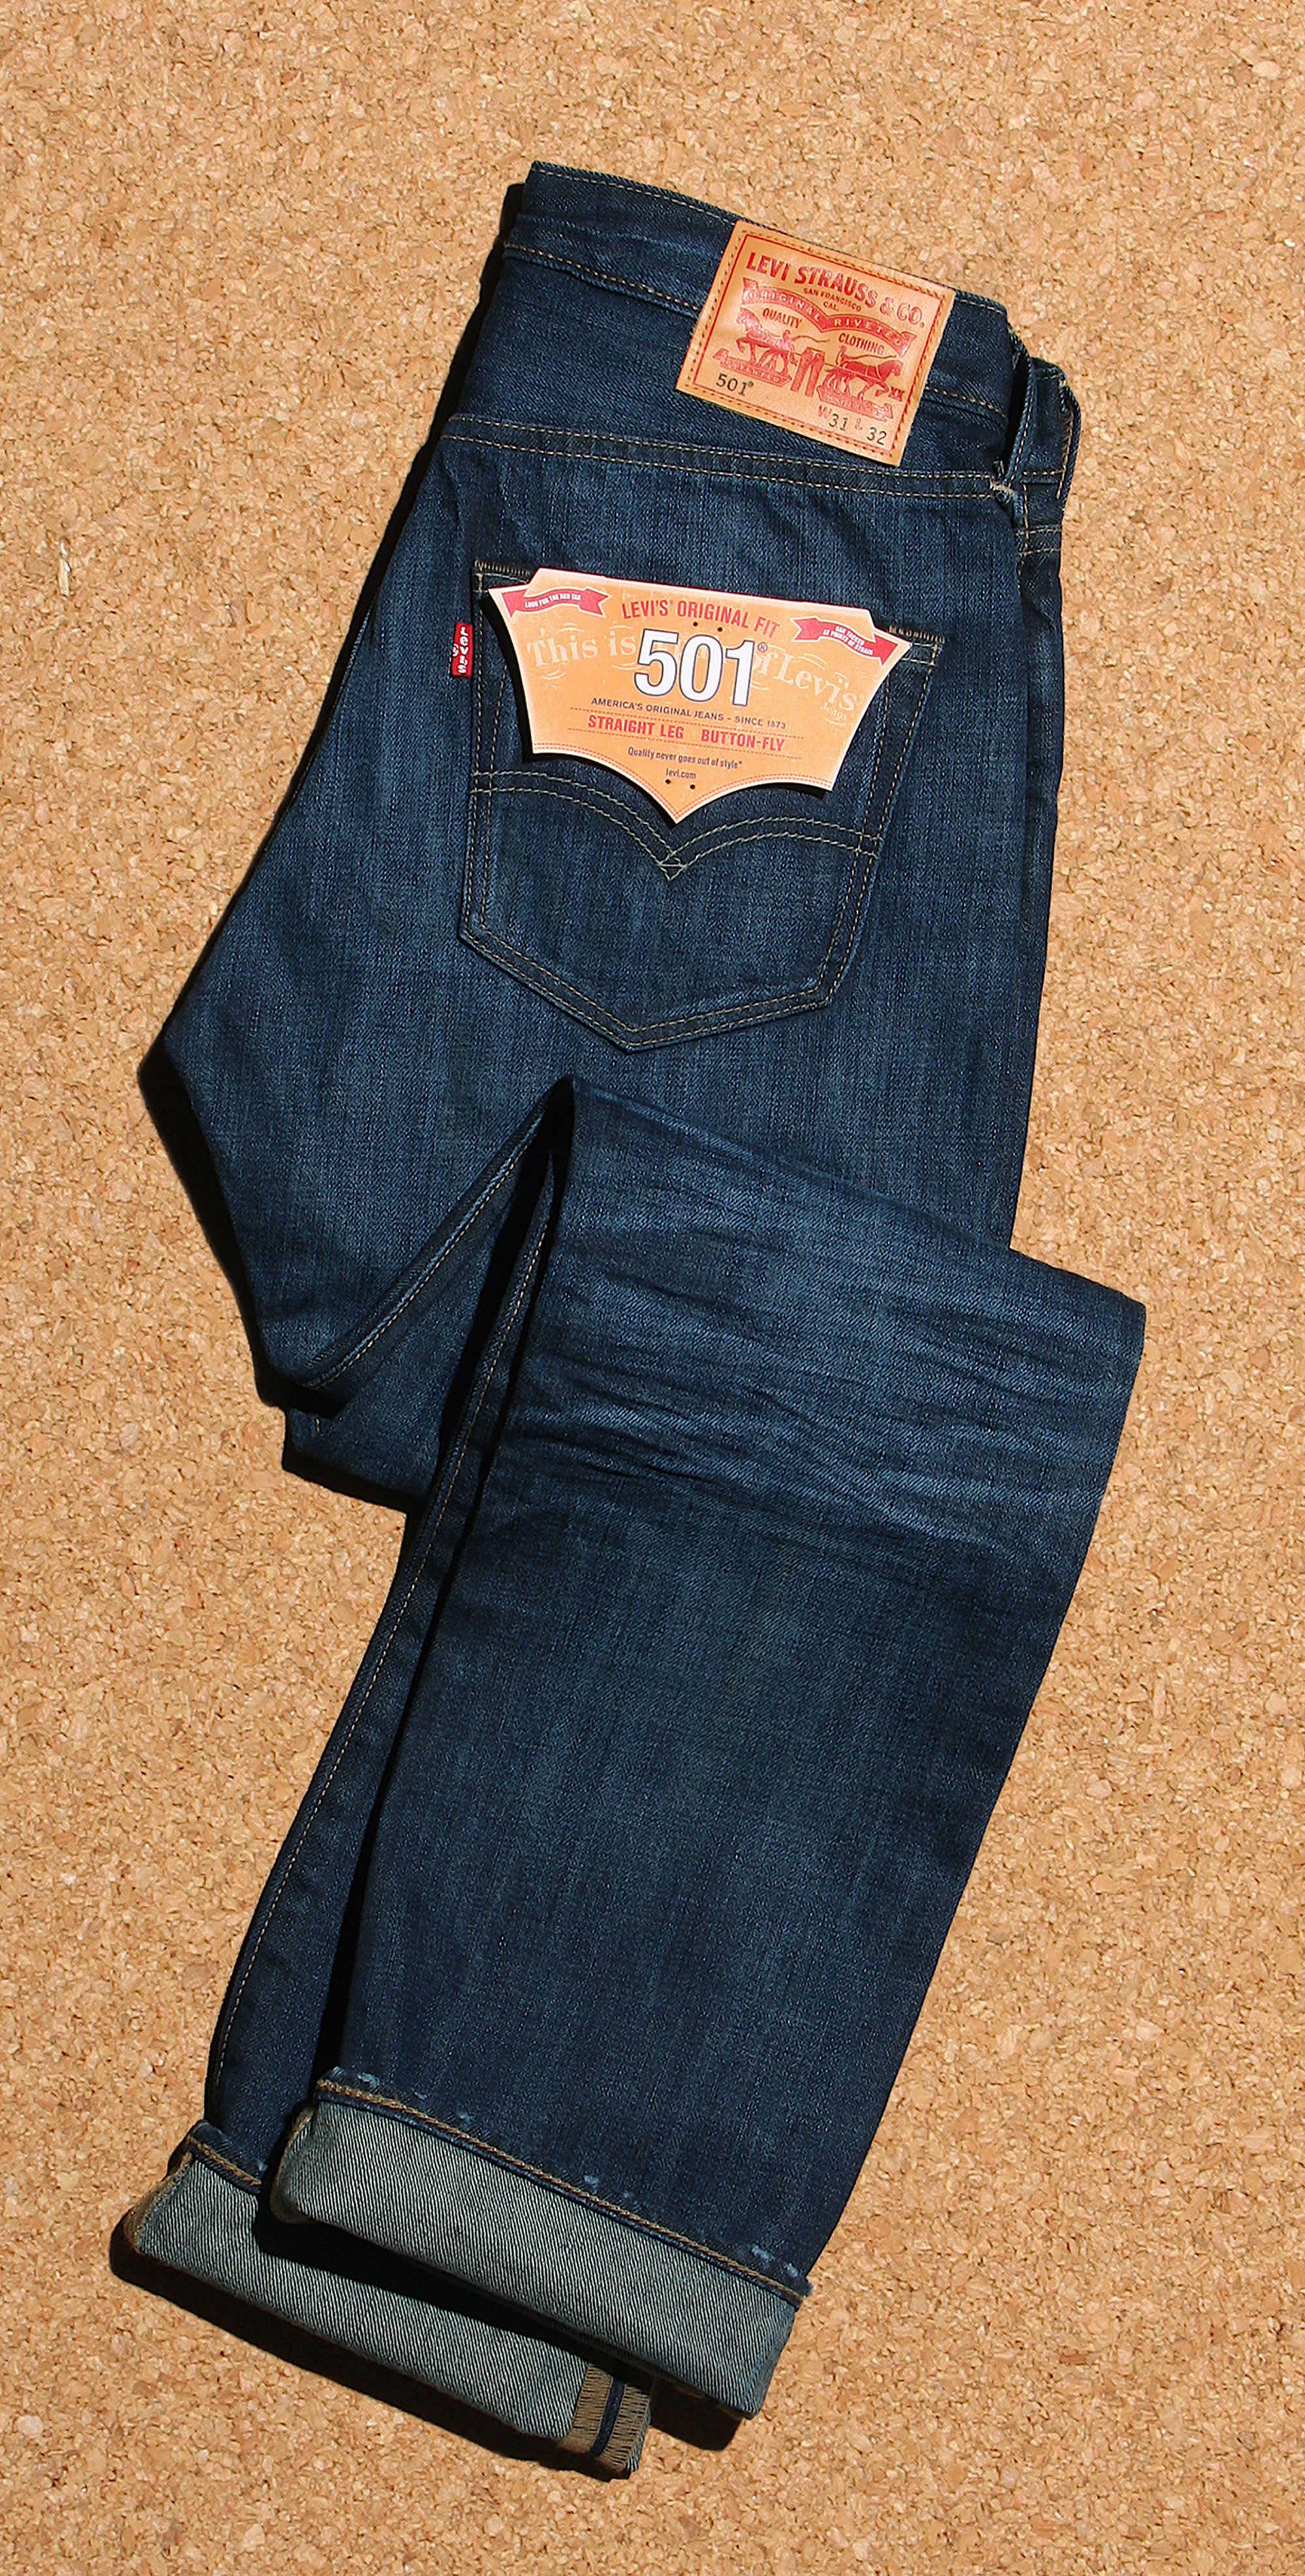 501 Levis Denim Jeans Men Mens Clothing Styles Levi